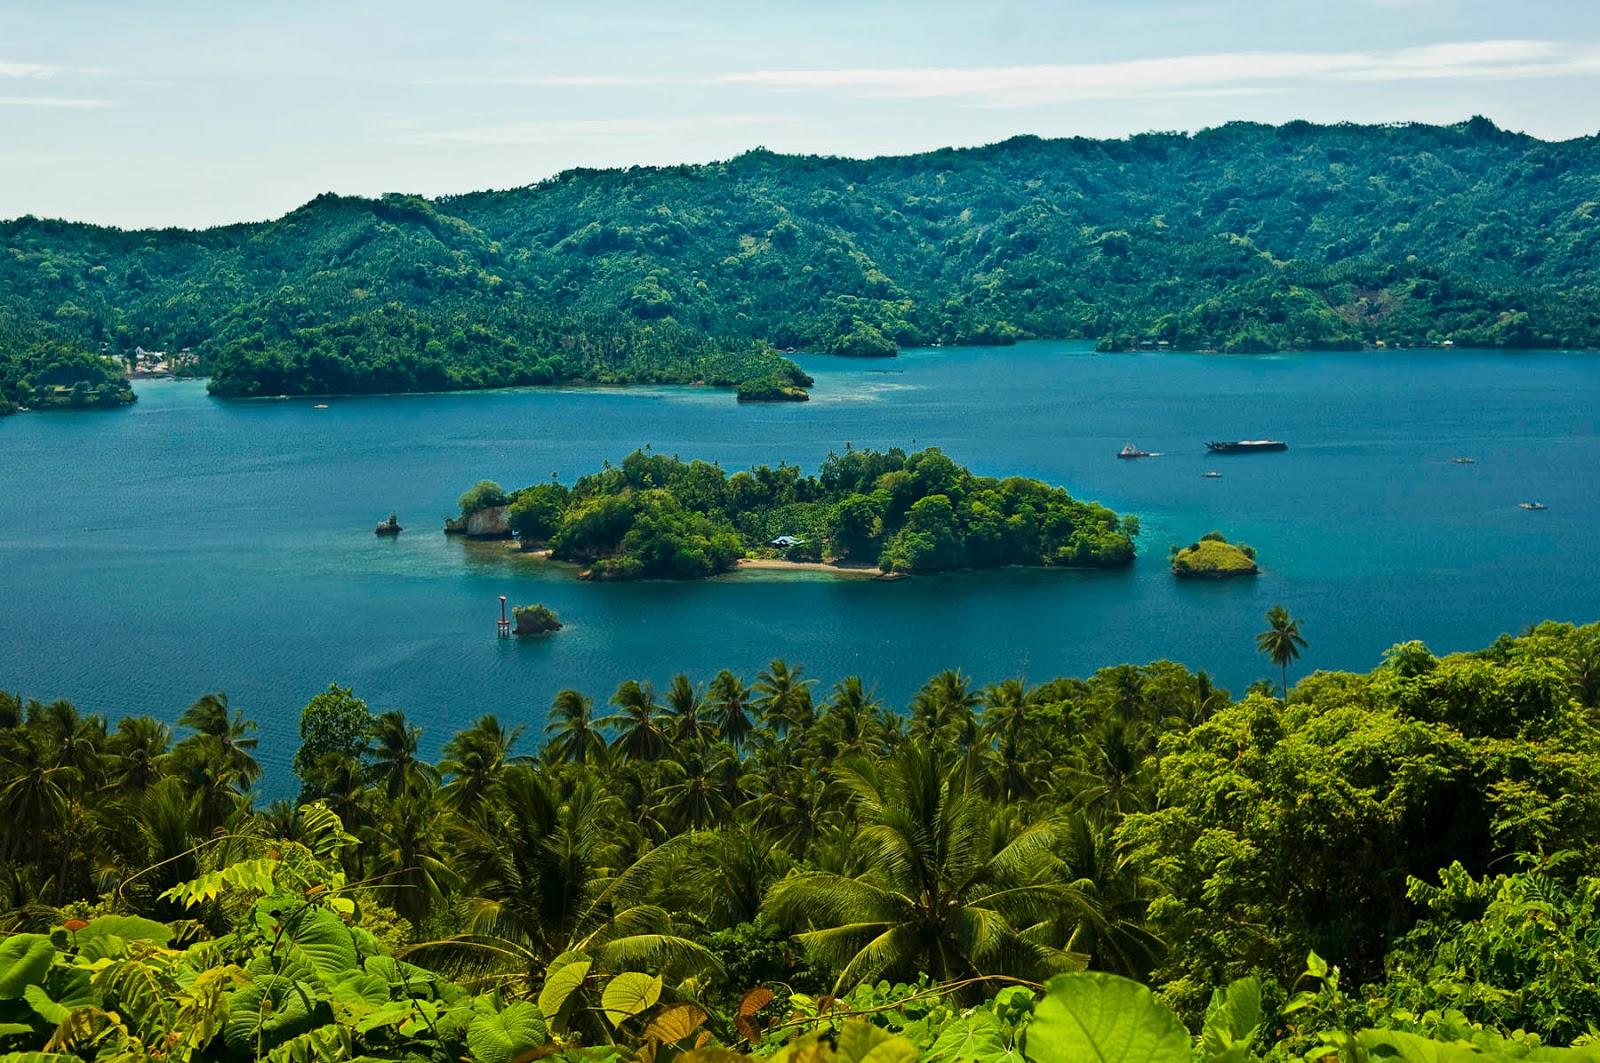 selat lembeh mengintip habitat biota laut langka dan unik di sulawesi utara sulawesi utara